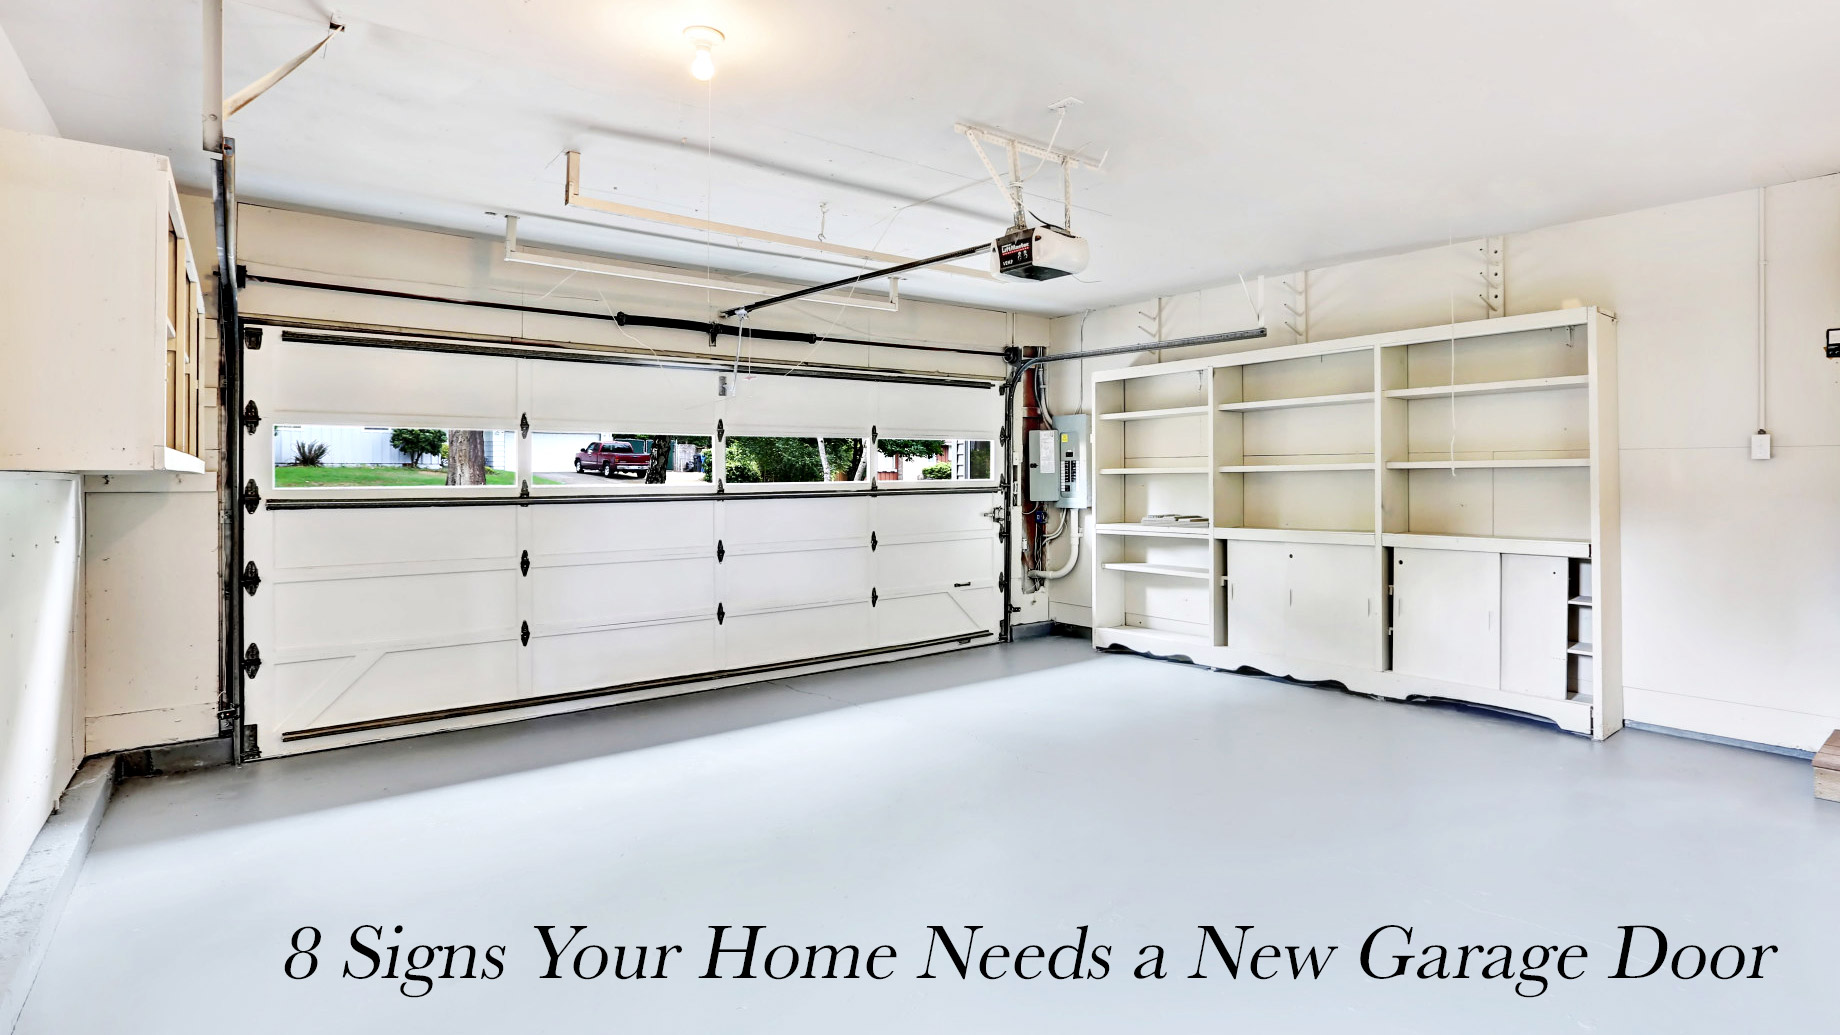 8 Signs Your Home Needs a New Garage Door